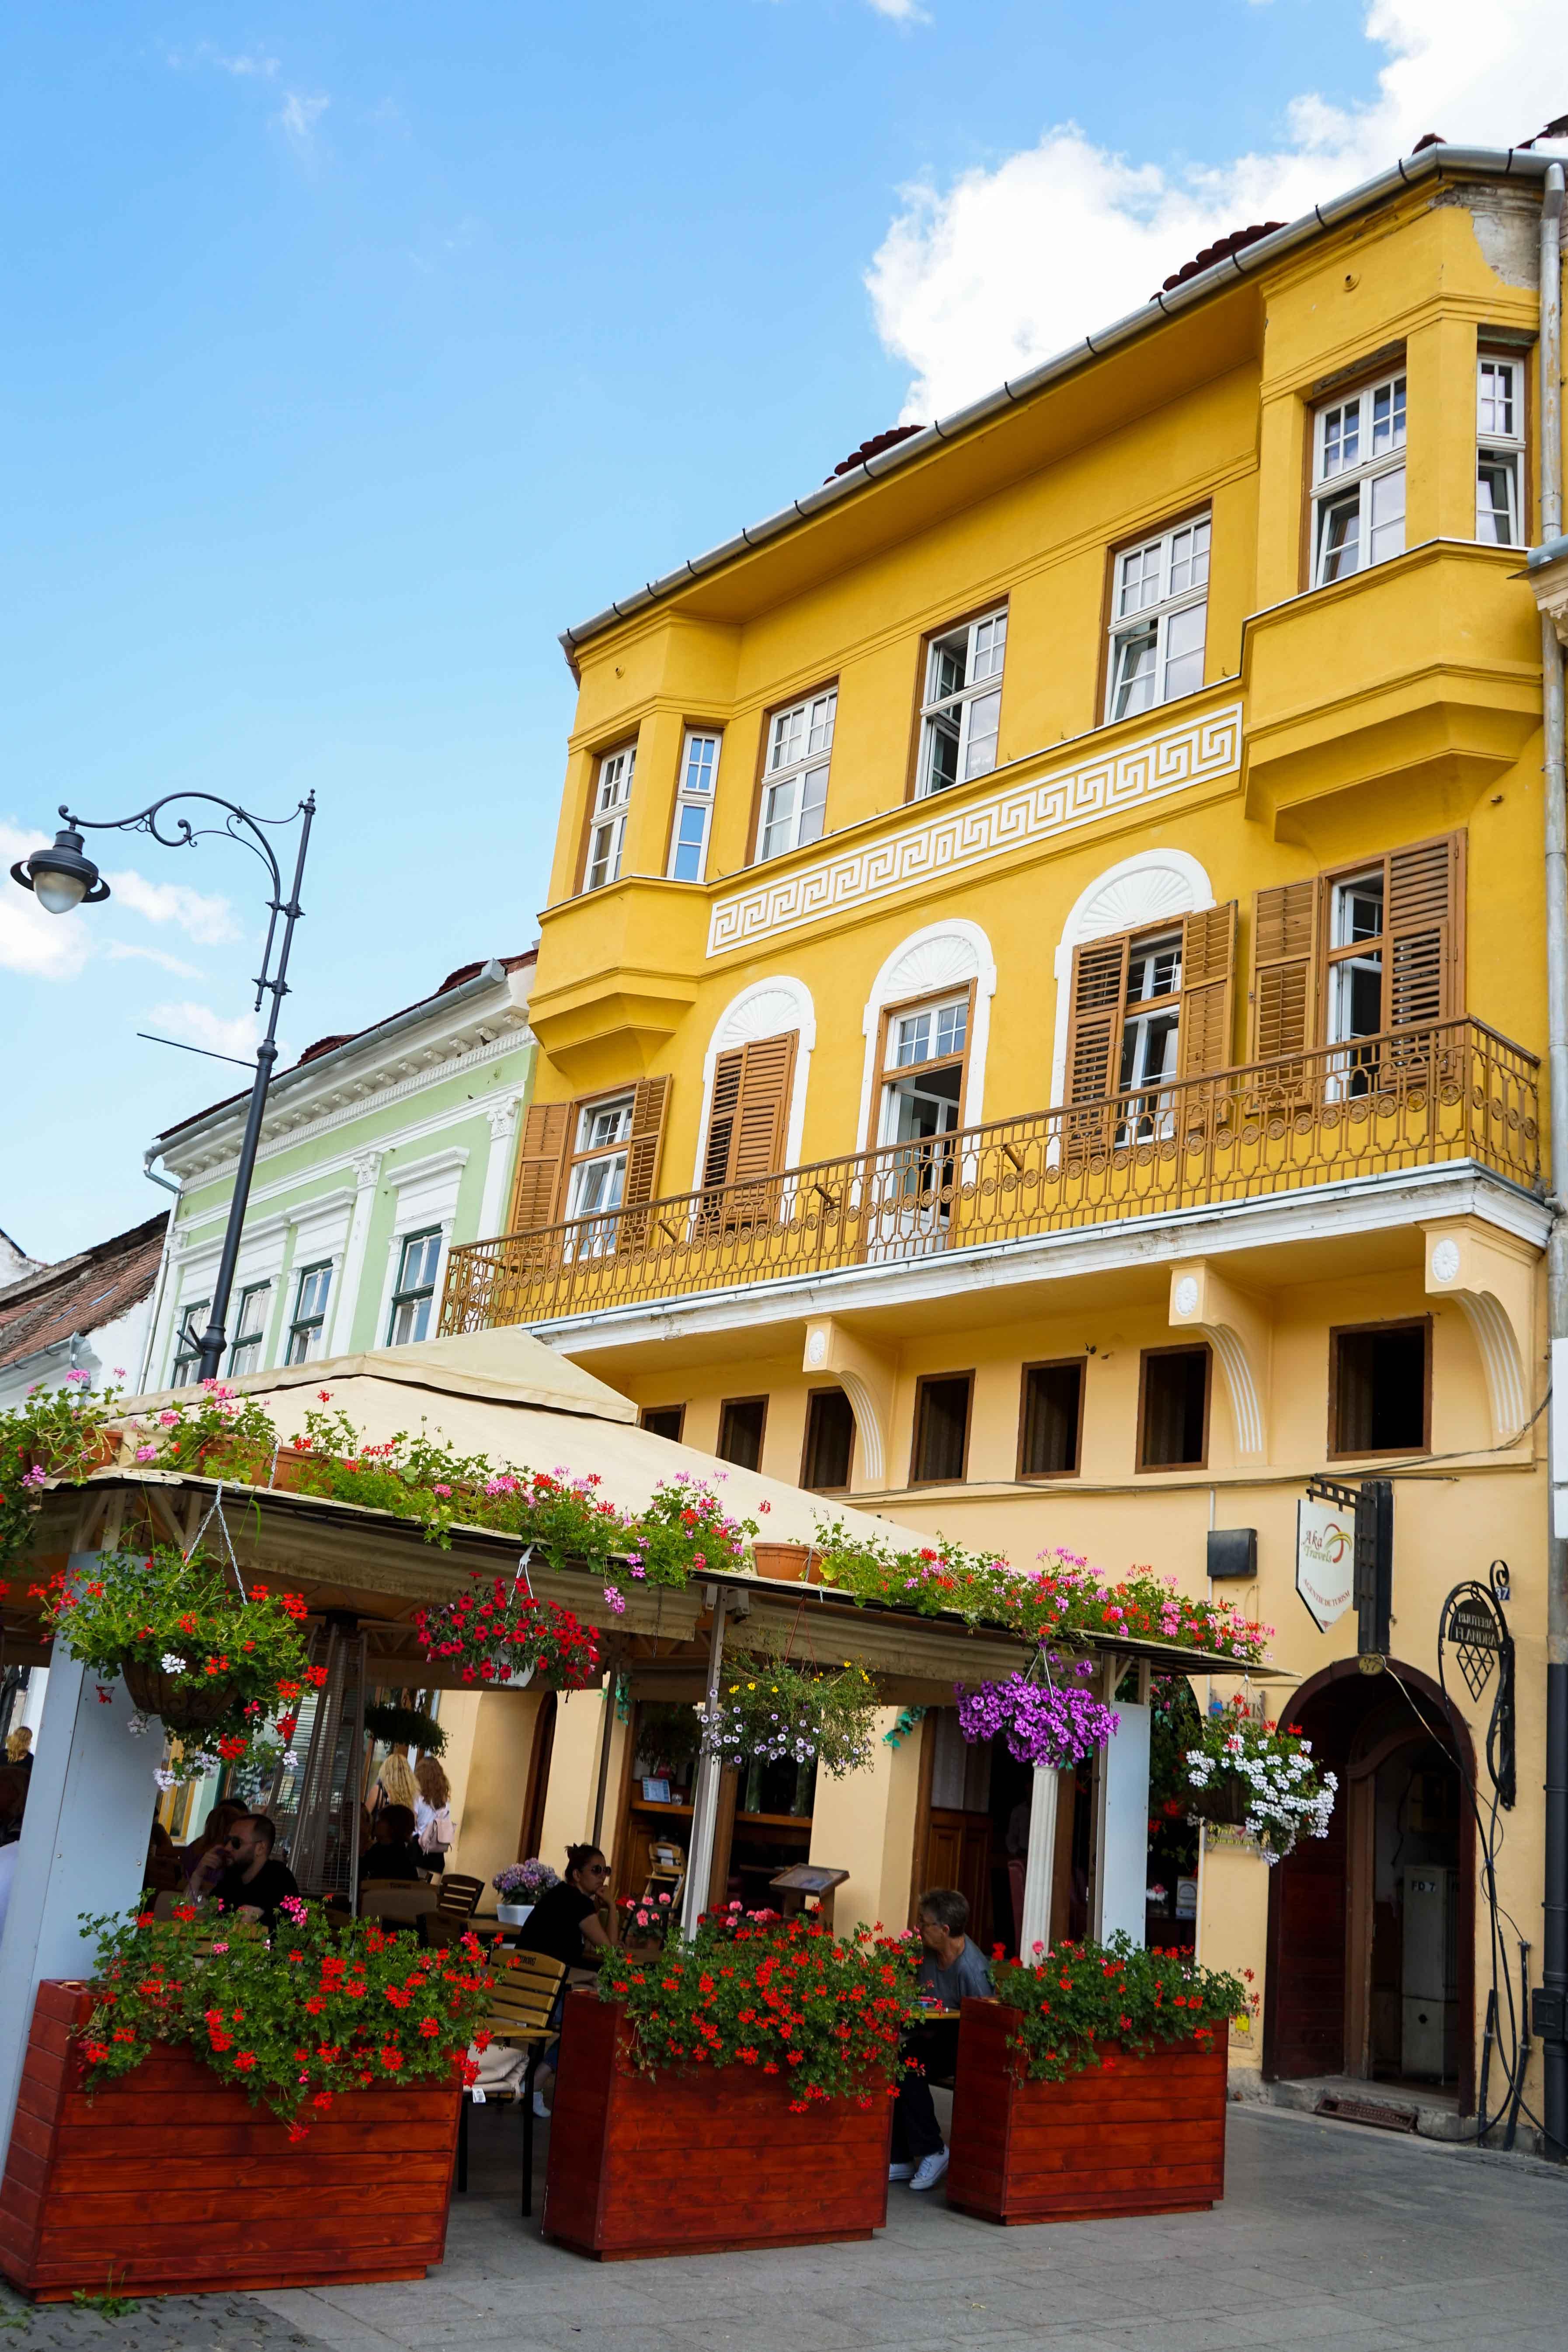 Top 10 Tipps Hermannstadt Sibiu Rumänien Reiseblog Innenstadt alte Häuser Restaurants Insider Tipps Travel Blog Brinisfashionbook 2